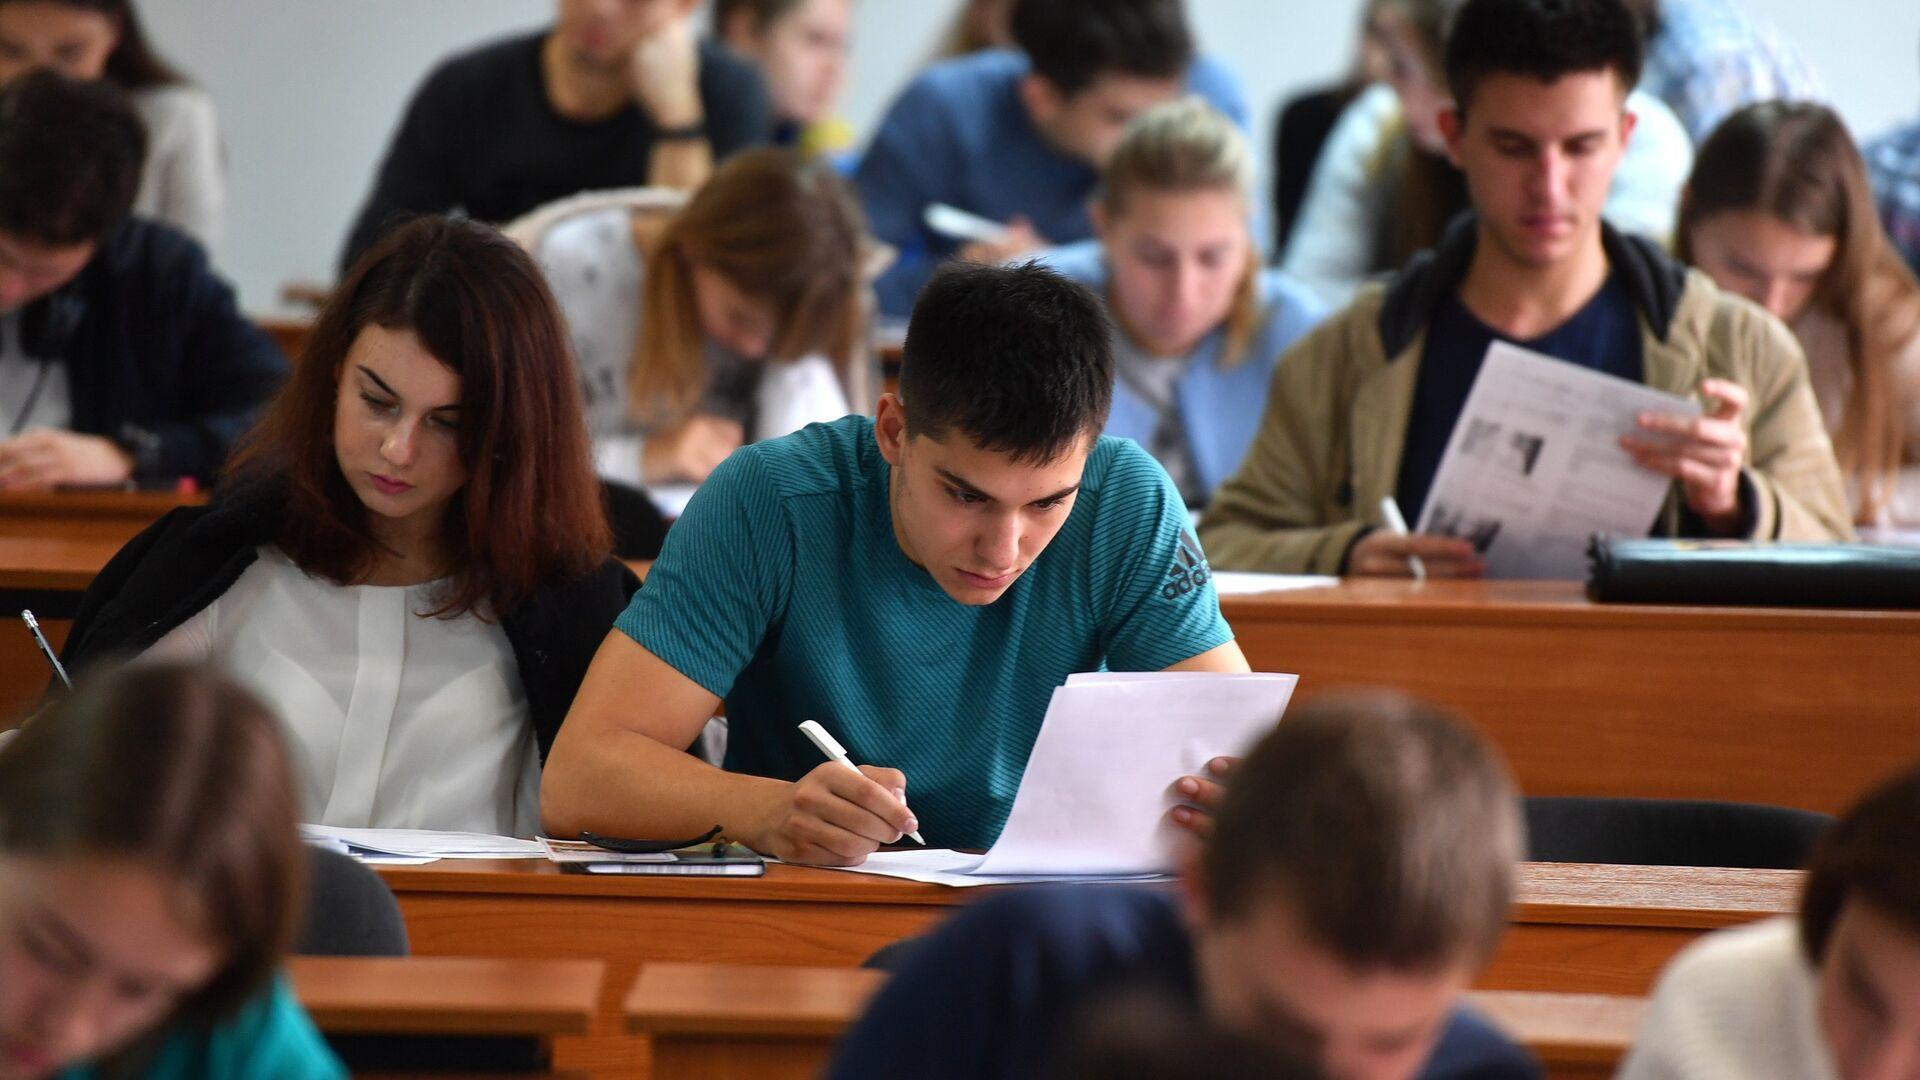 Студенты на лекции - Sputnik Беларусь, 1920, 05.04.2021